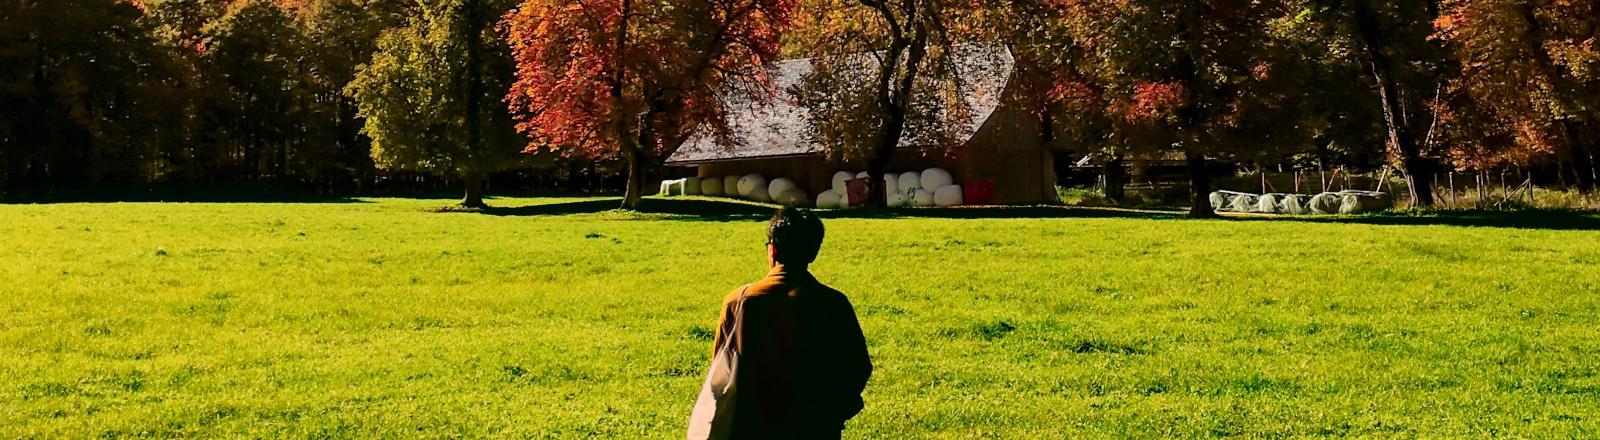 Eine Person steht vor einer Hütte auf dem Land